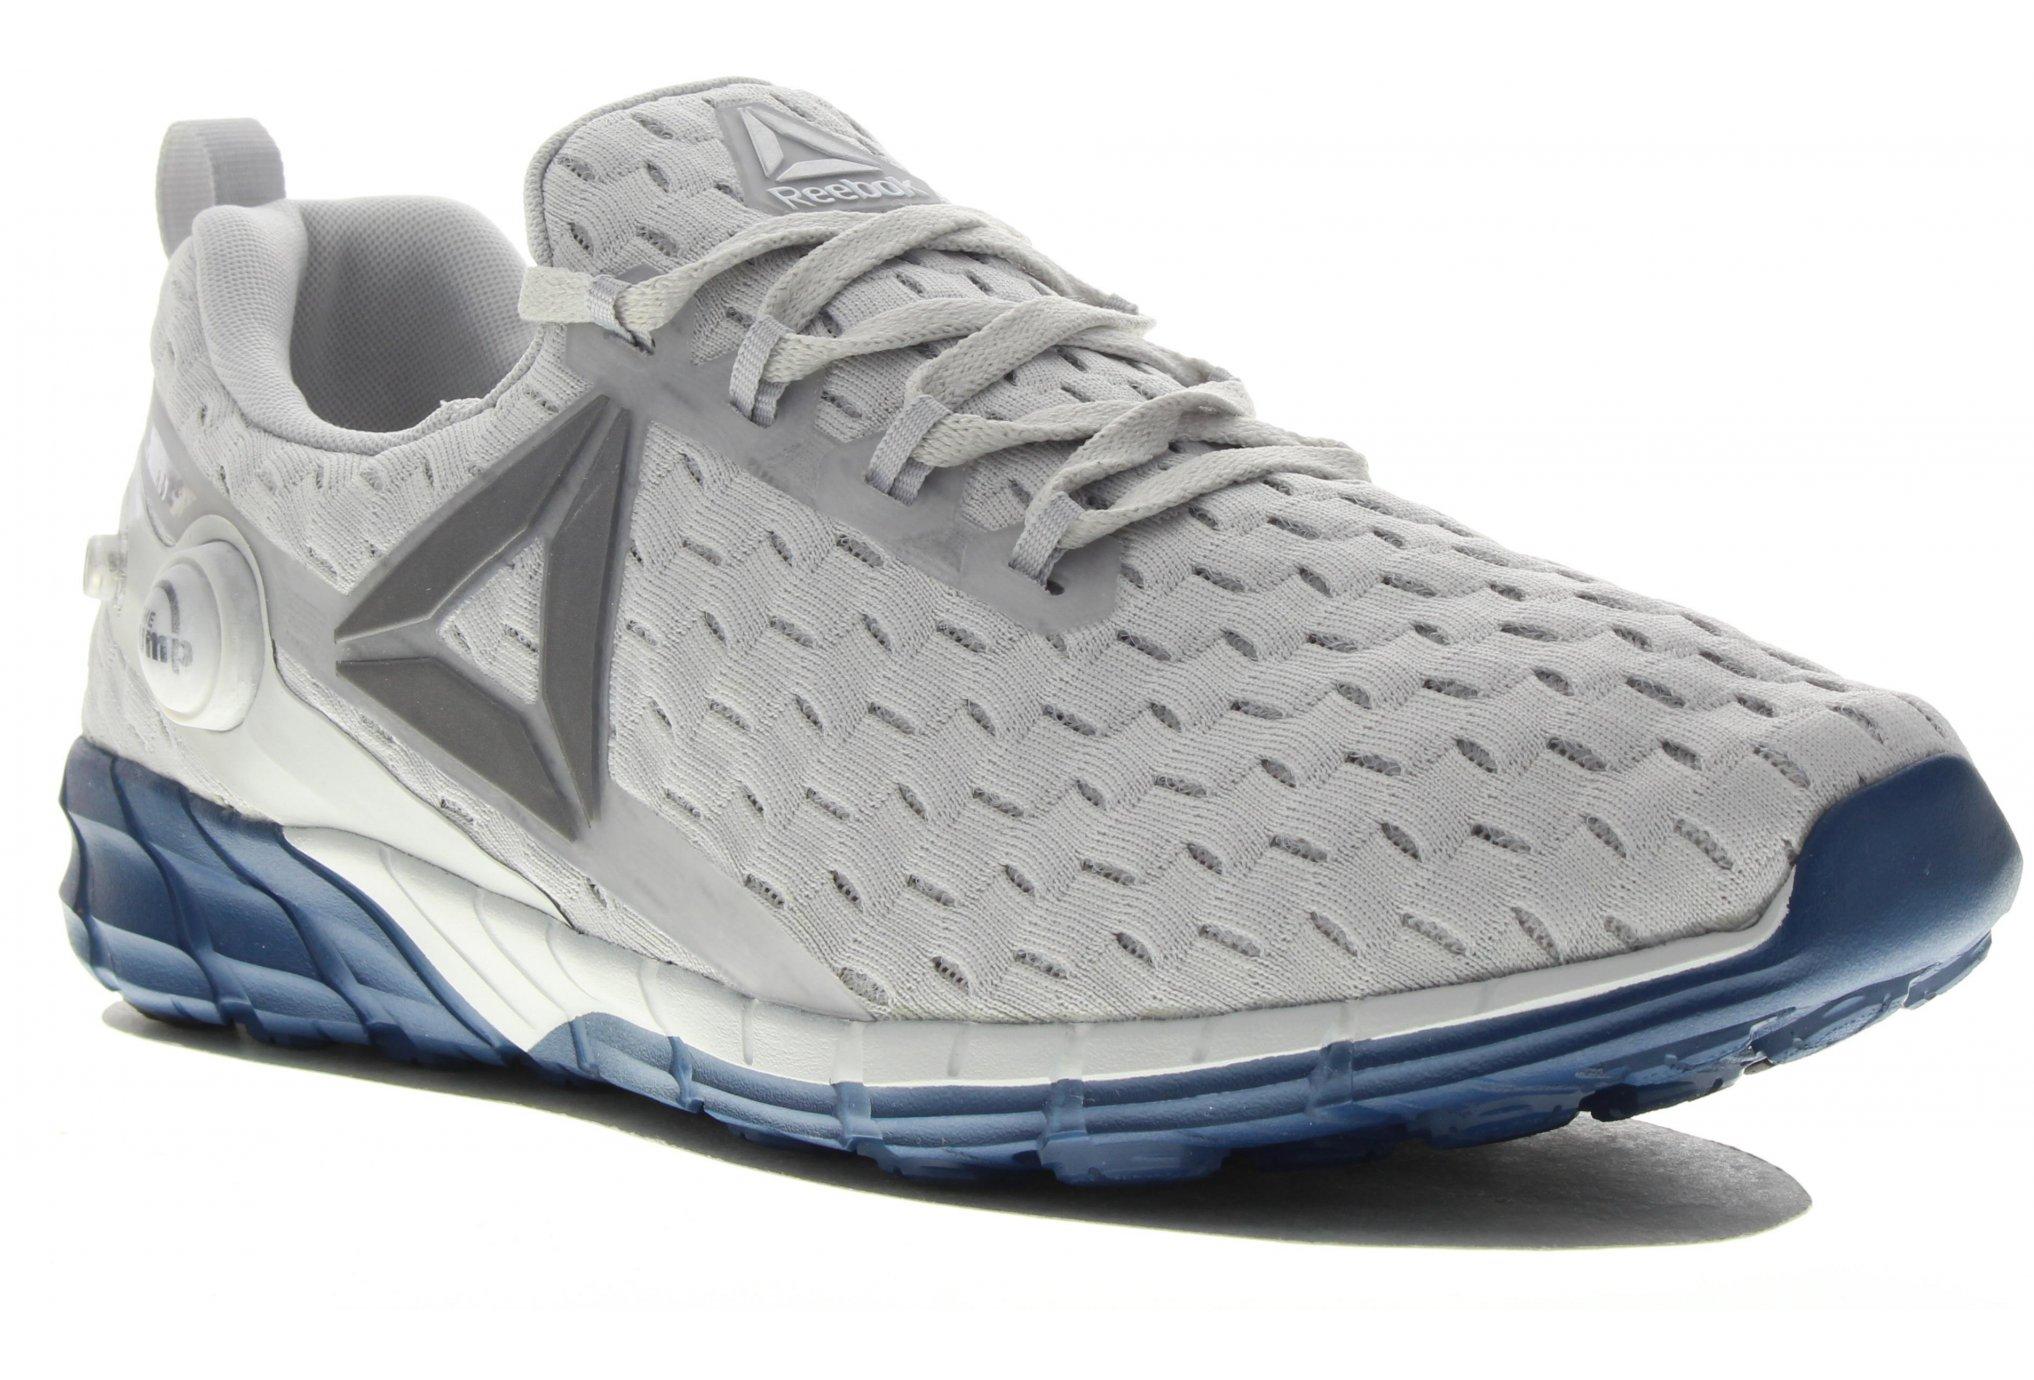 Magnoac Fusion Reebok Diététique 2 Zpump Trail Homme Chaussures M Du 5  PAIwqW5 6b5e154cede2